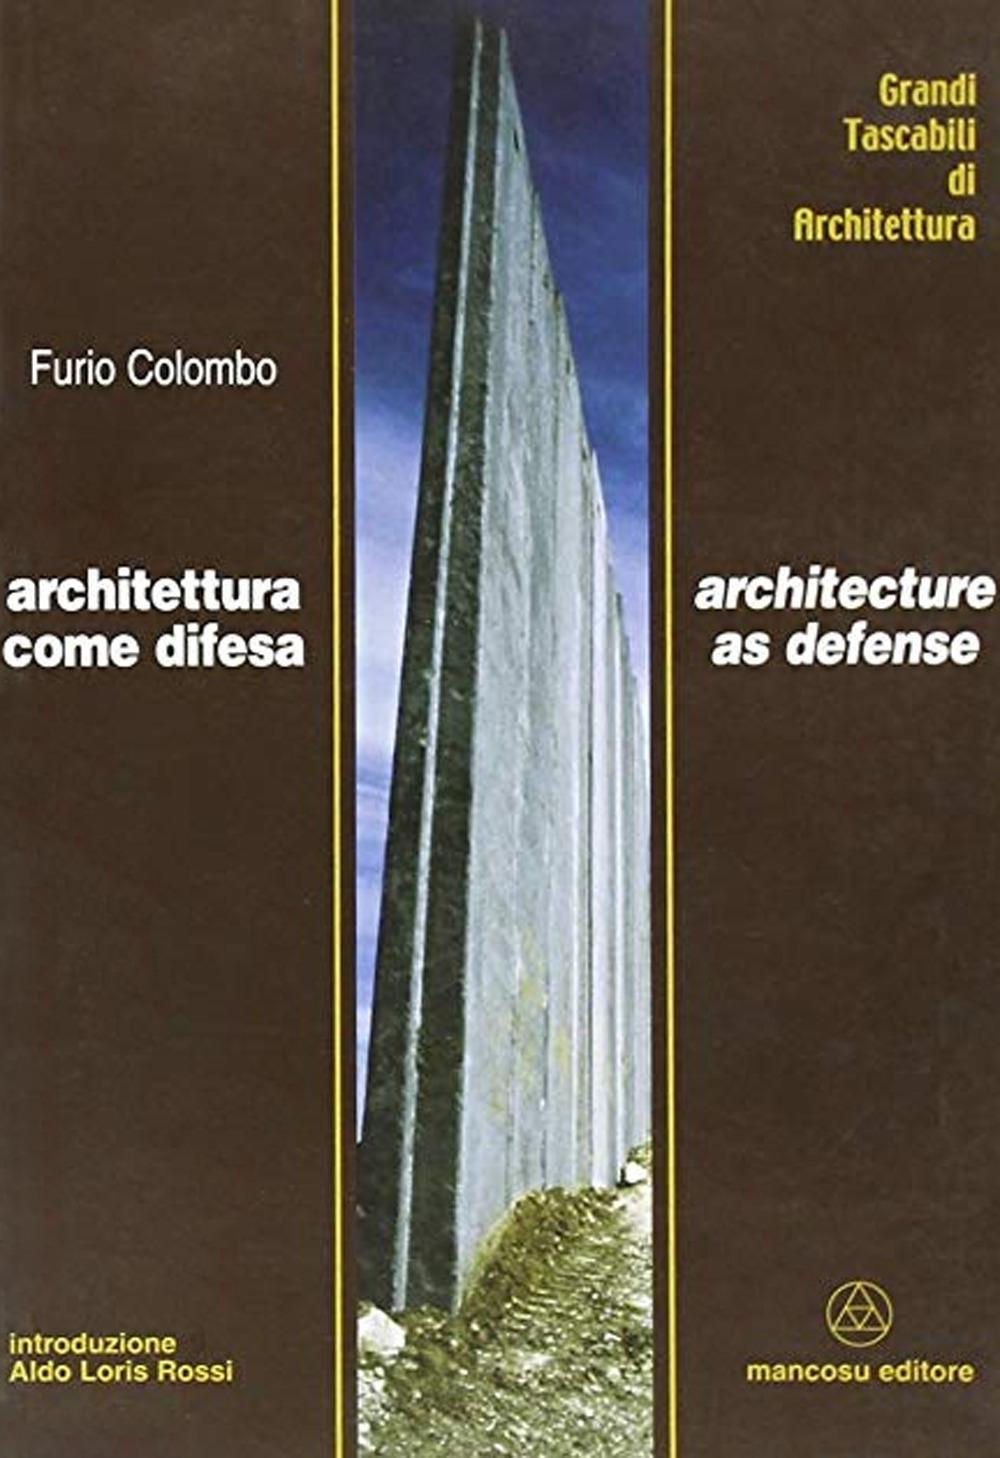 Architettura come difesa-Architecture as defense. Ediz. bilingue